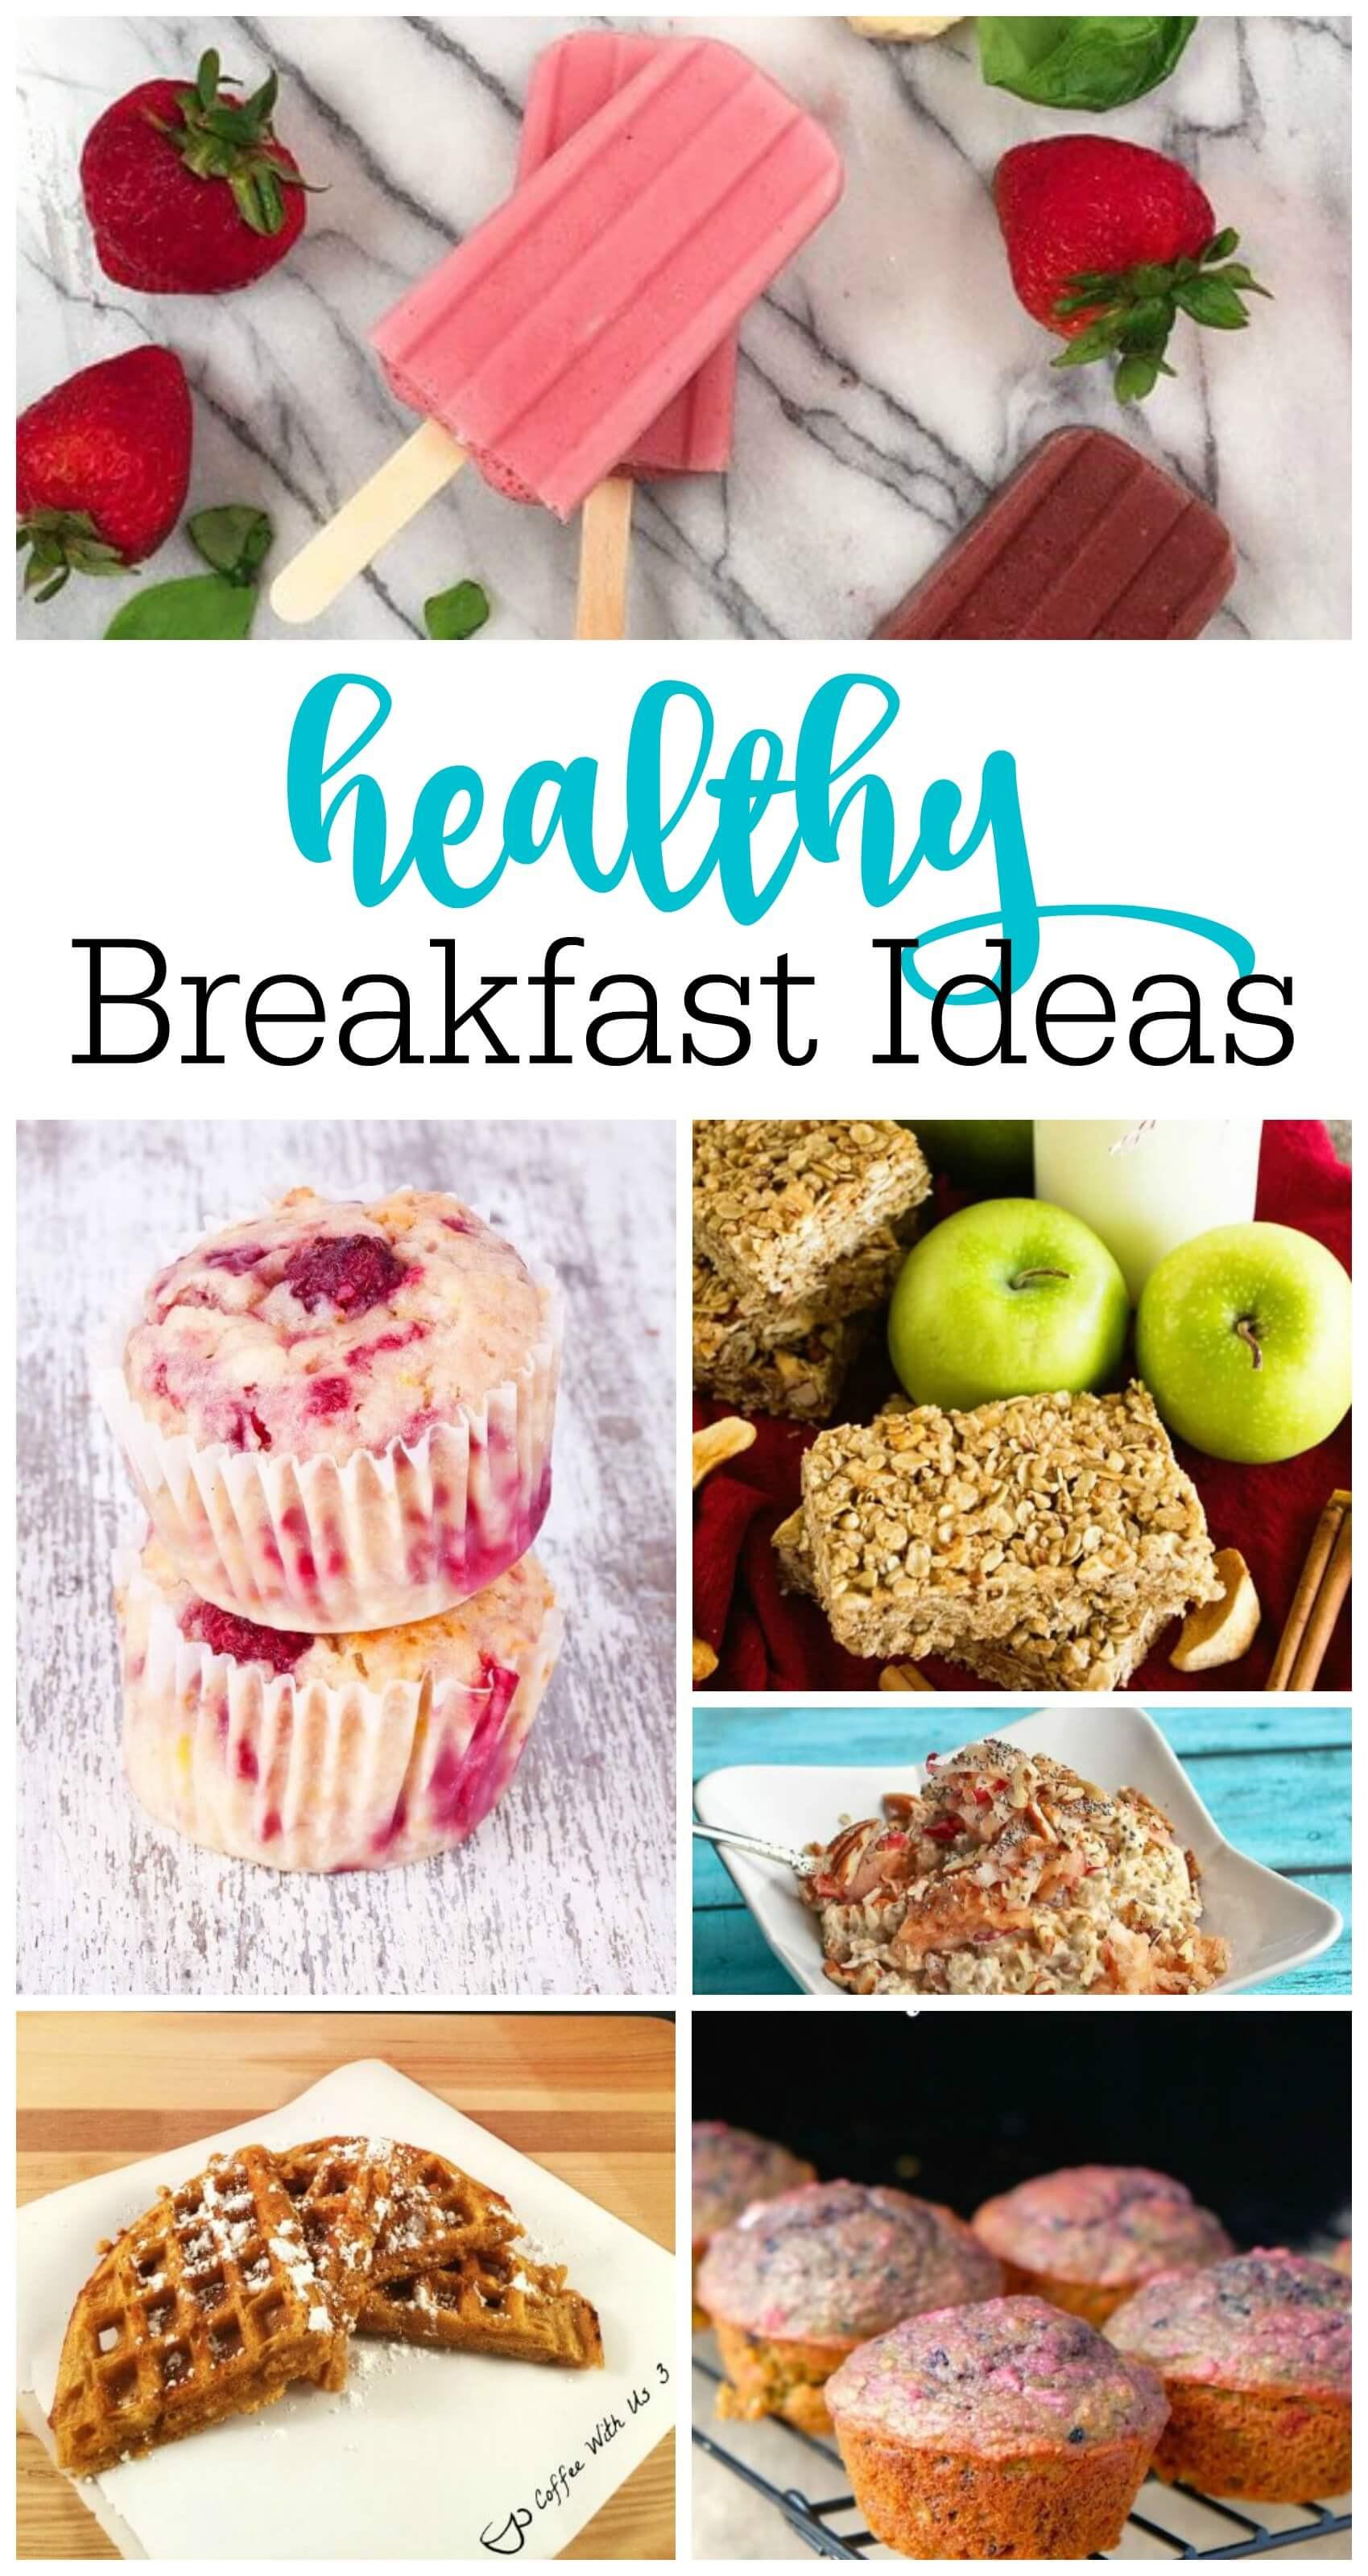 Good Healthy Breakfast Ideas  Healthy Breakfast Ideas for Busy Mornings